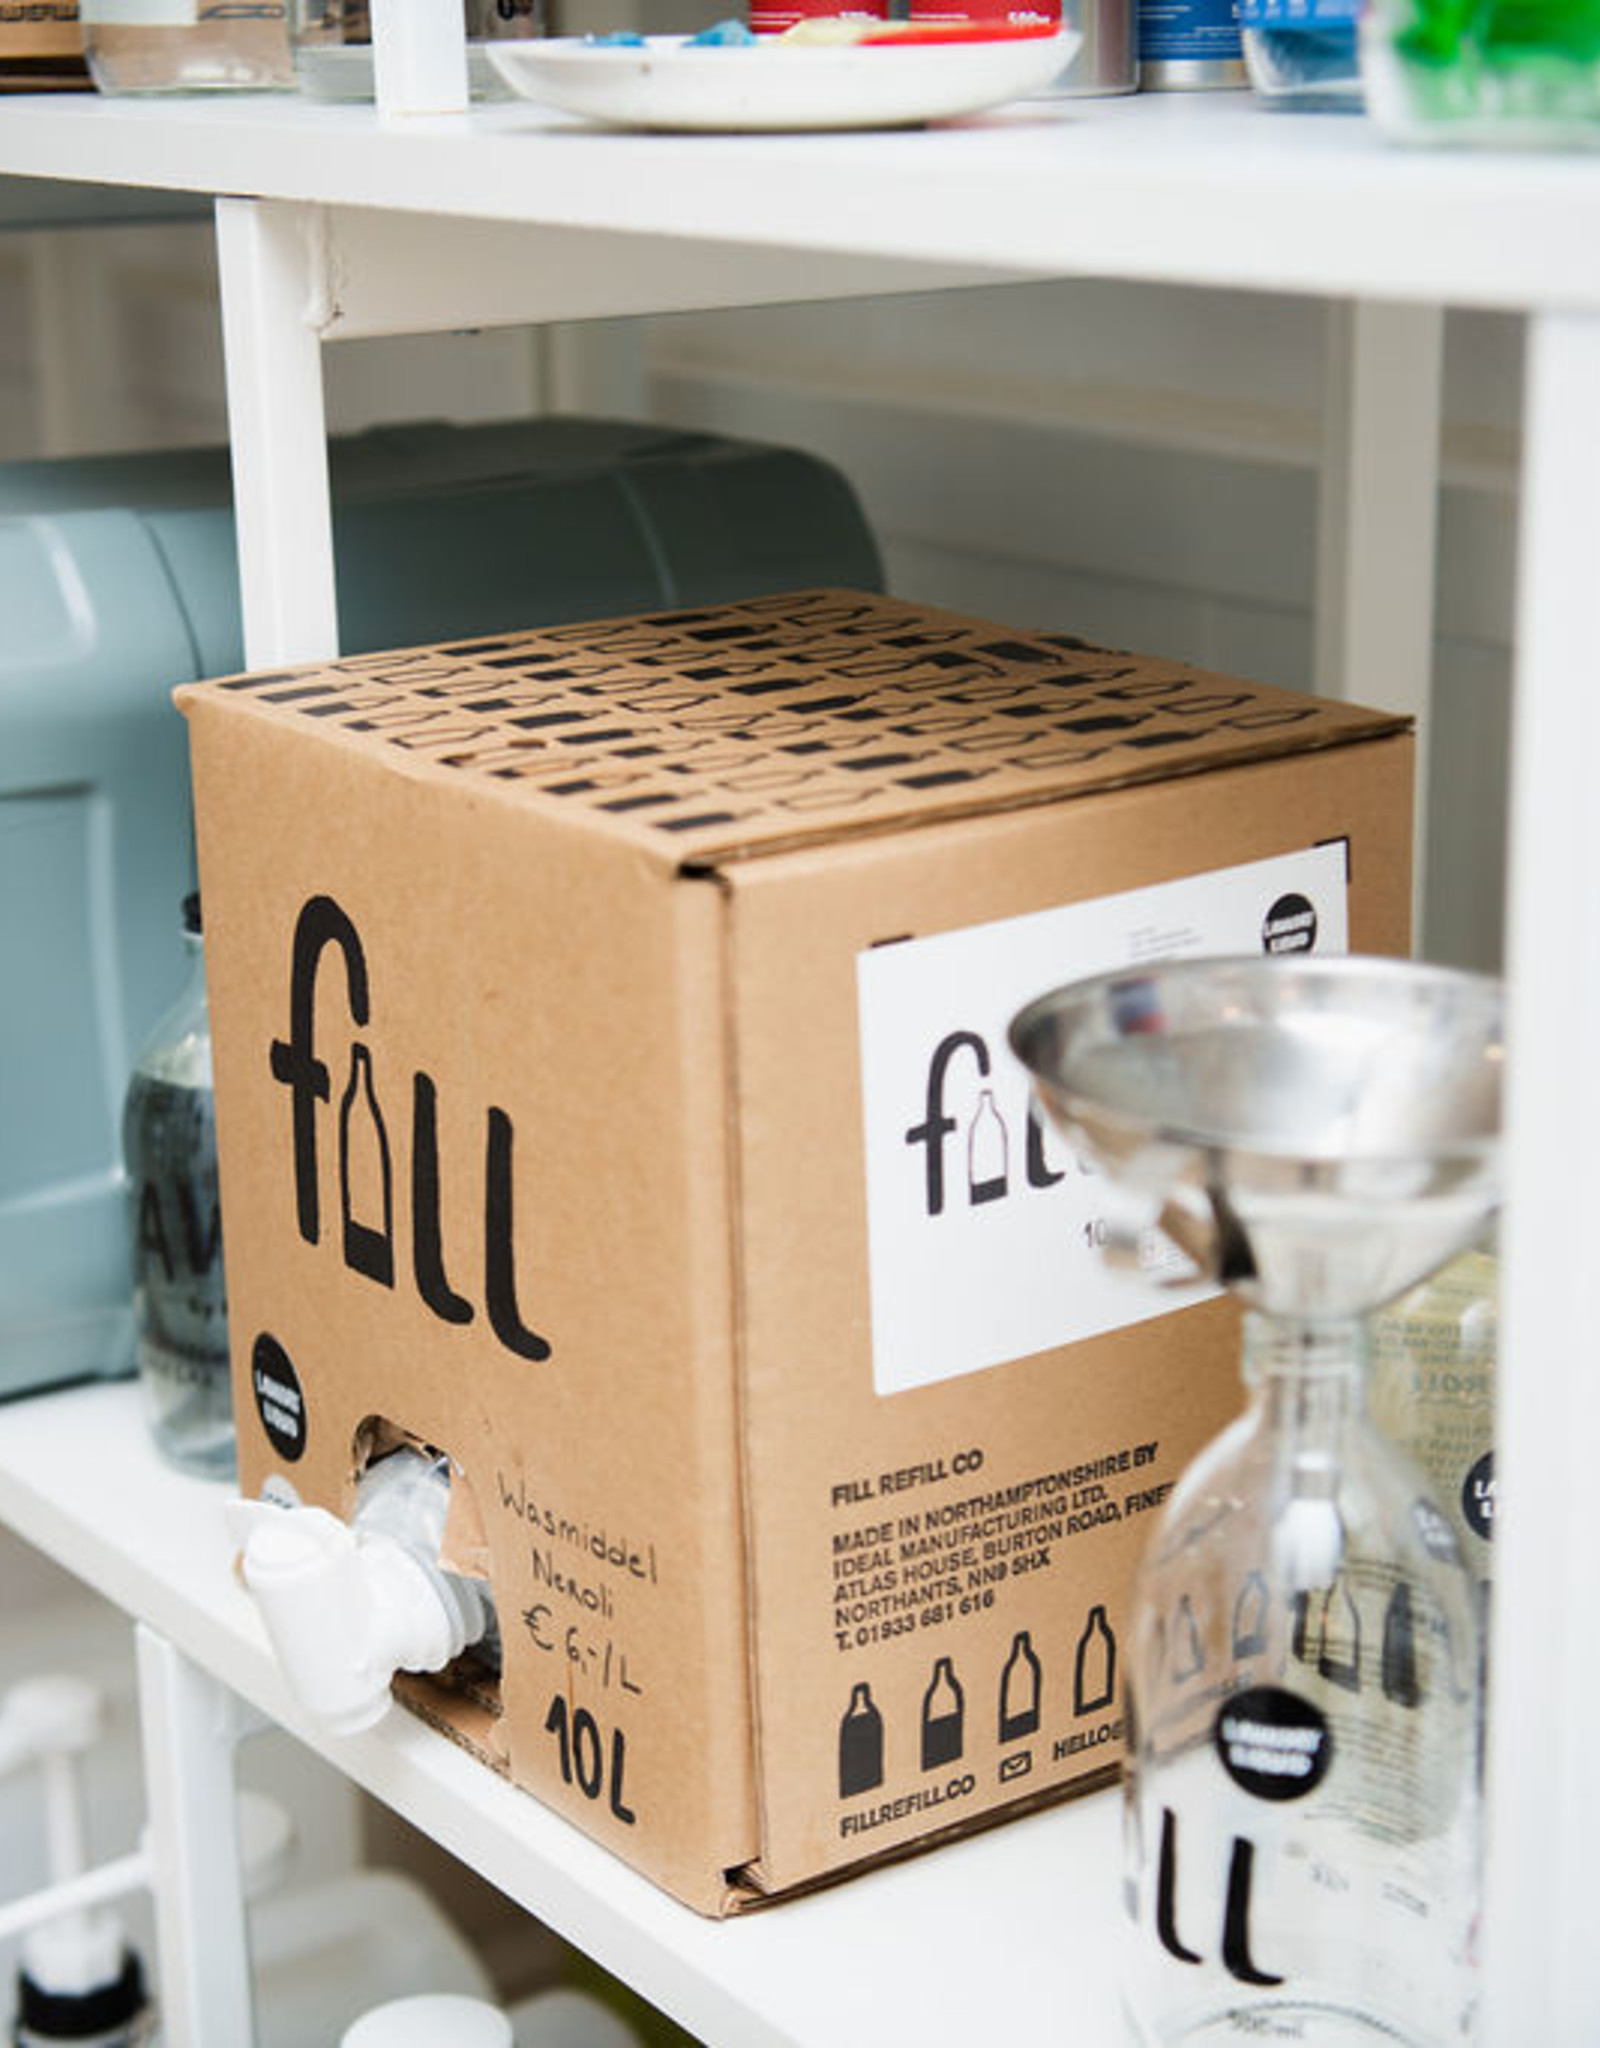 Fill Refill producten